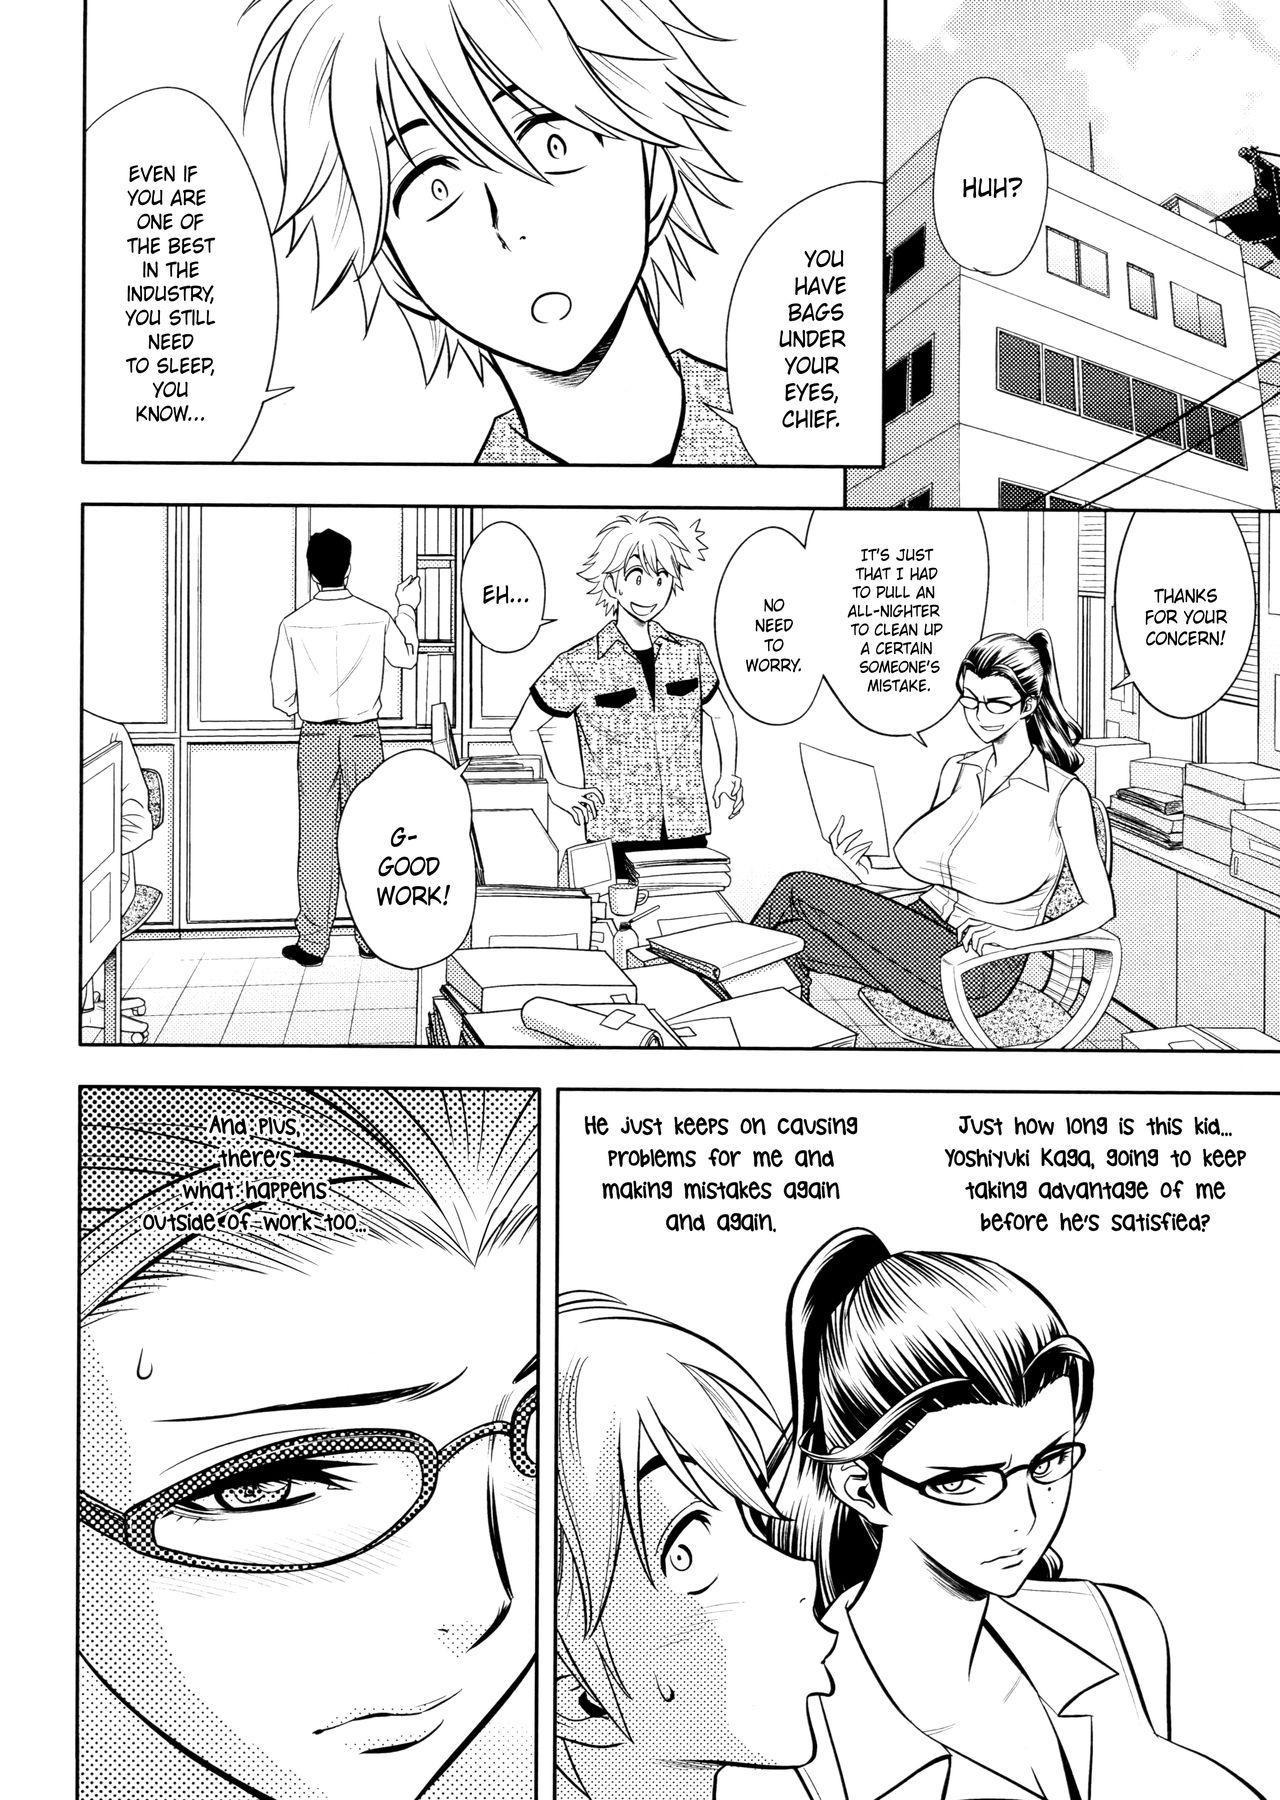 [Tatsunami Youtoku, Yamasaki Masato] Bijin Henshuu-chou no Himitsu | Beautiful Editor-in-Chief's Secret Ch. 1-8 [English] [Forbiddenfetish77, Red Vodka, Crystalium, CEDR777] [Decensored] 105